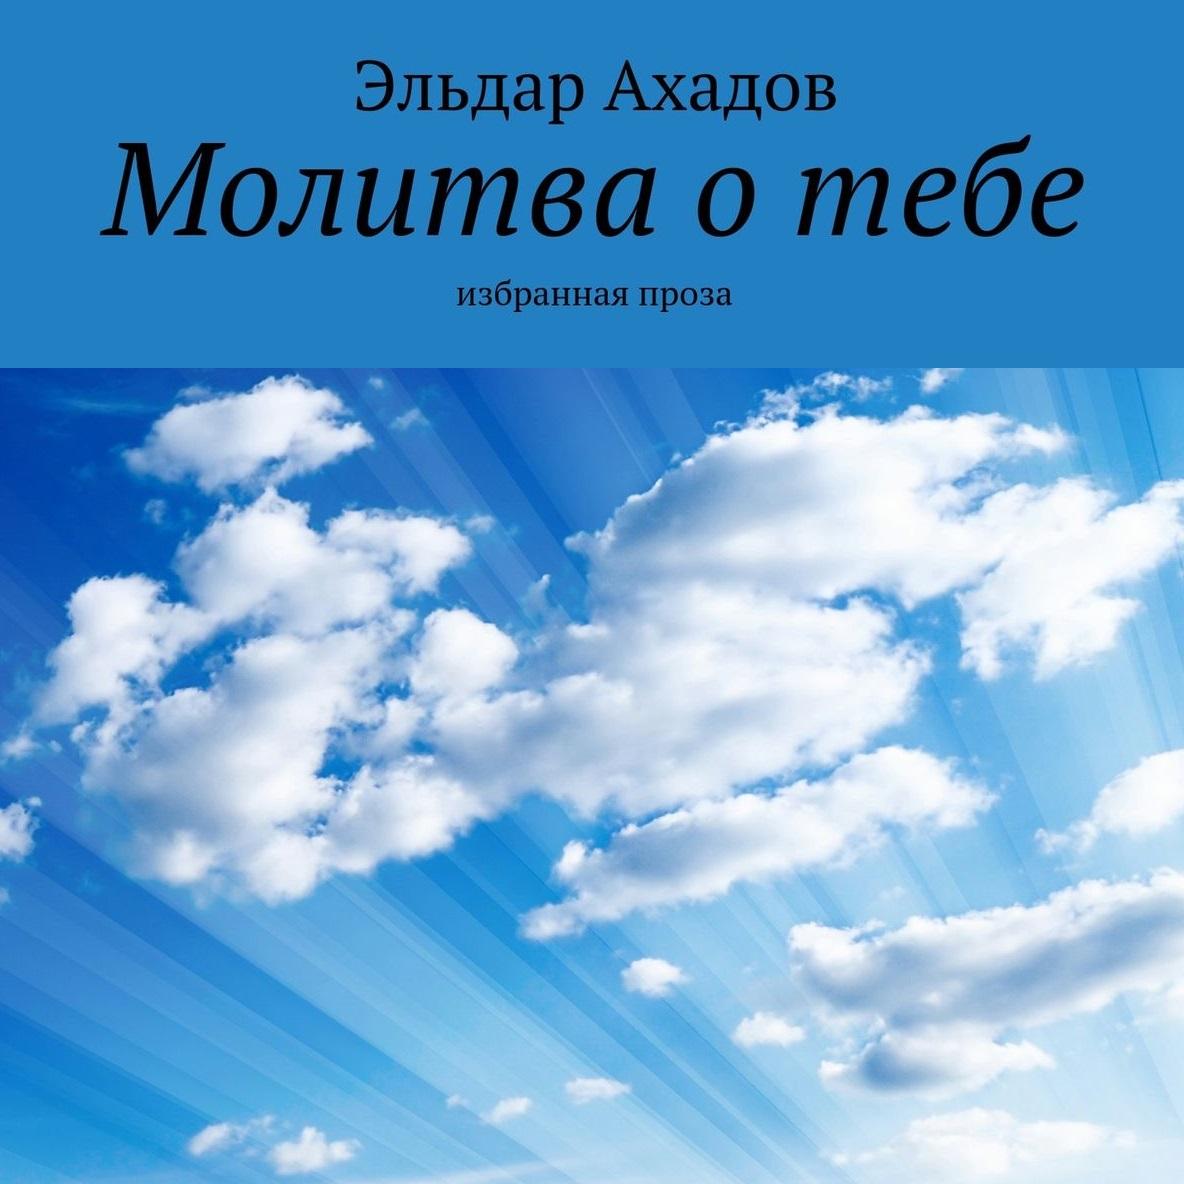 Эльдар Ахадов Молитва отебе. Избранная проза